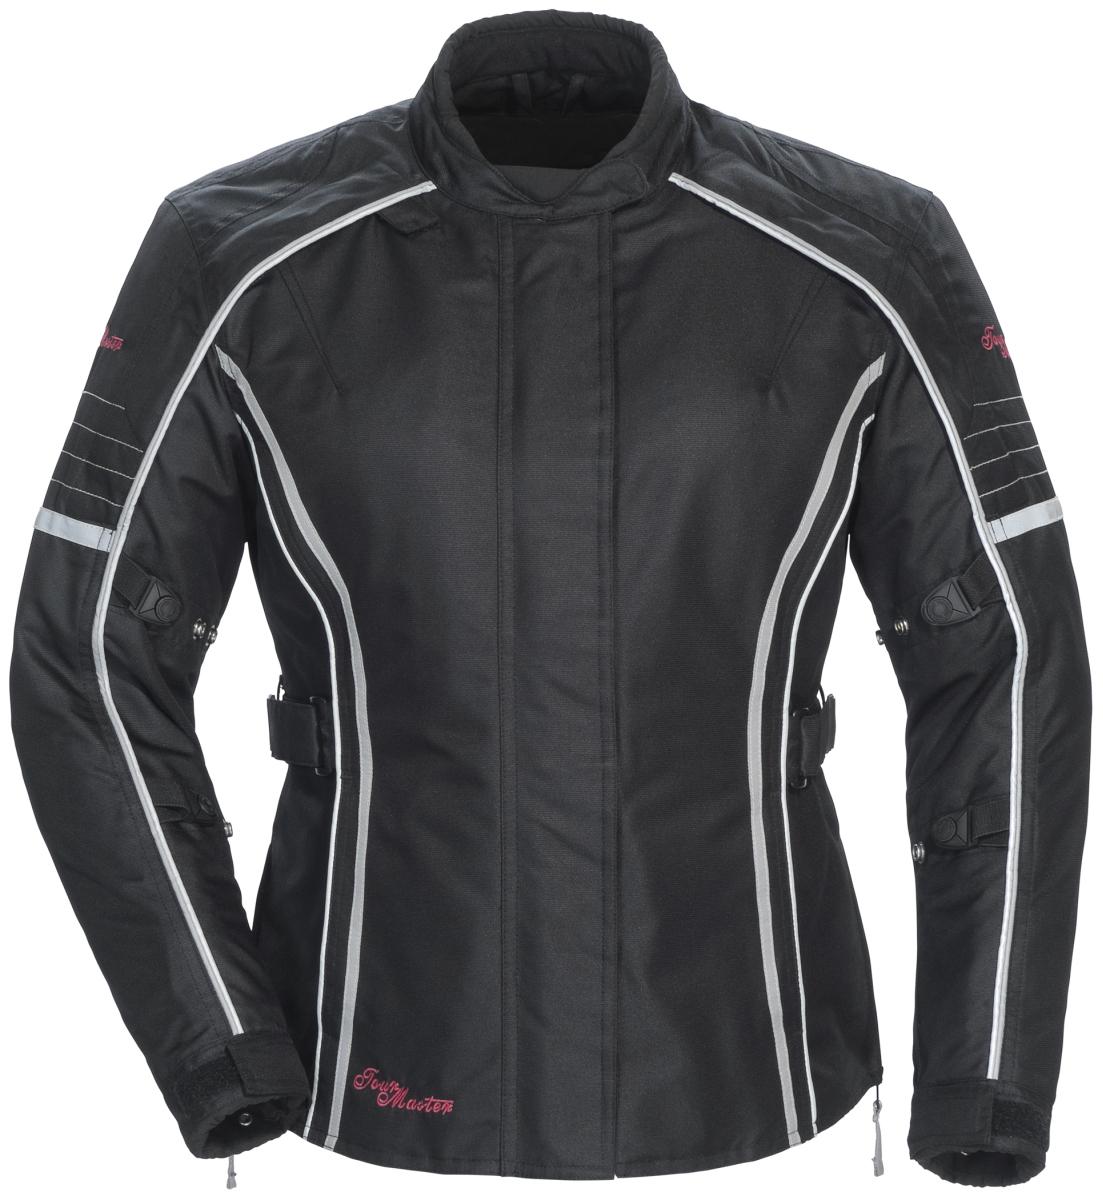 Trinity 3.0 Jacket